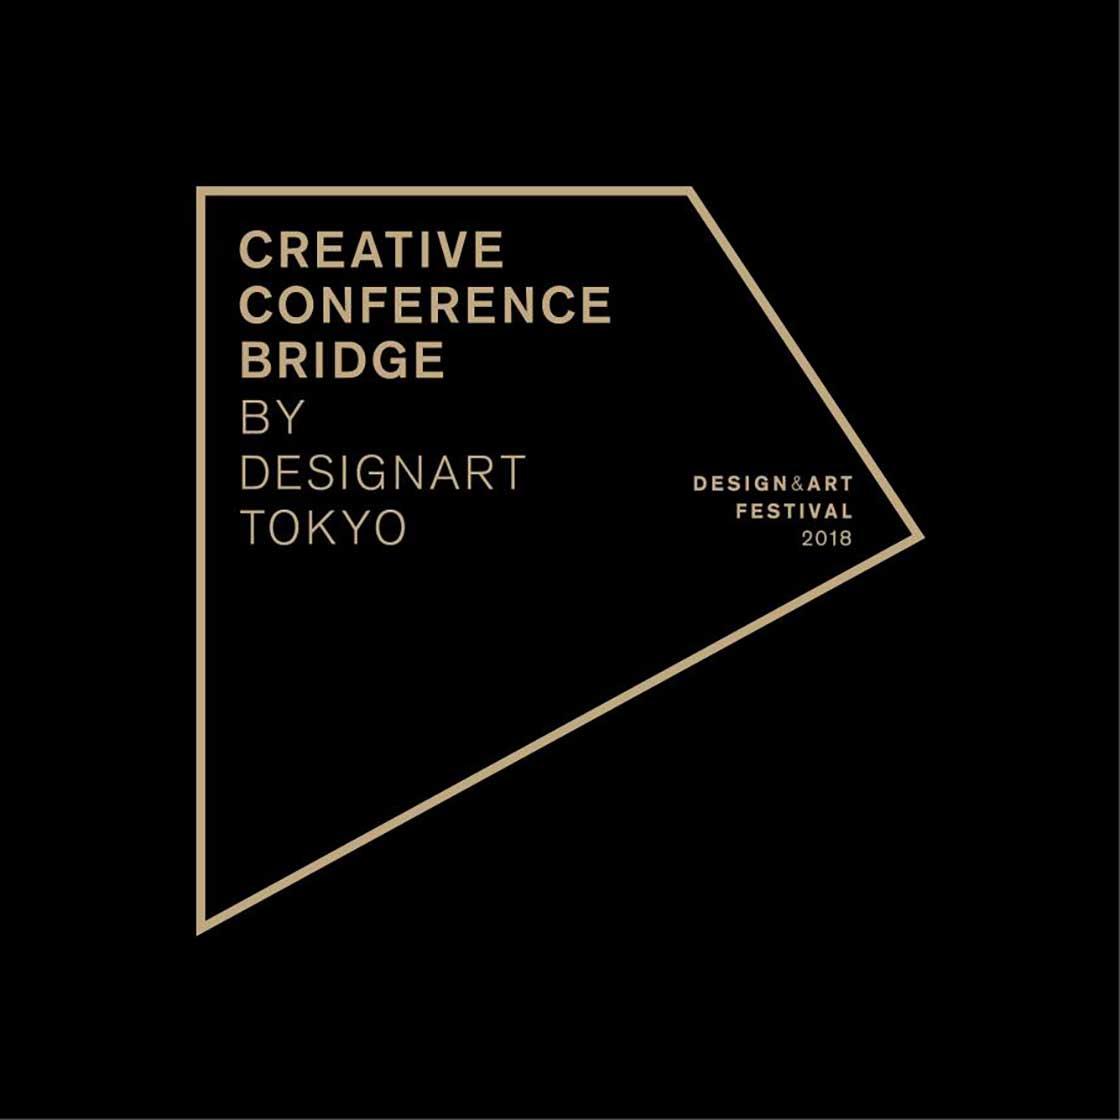 クリエイティブ カンファレンス「BRIDGE」